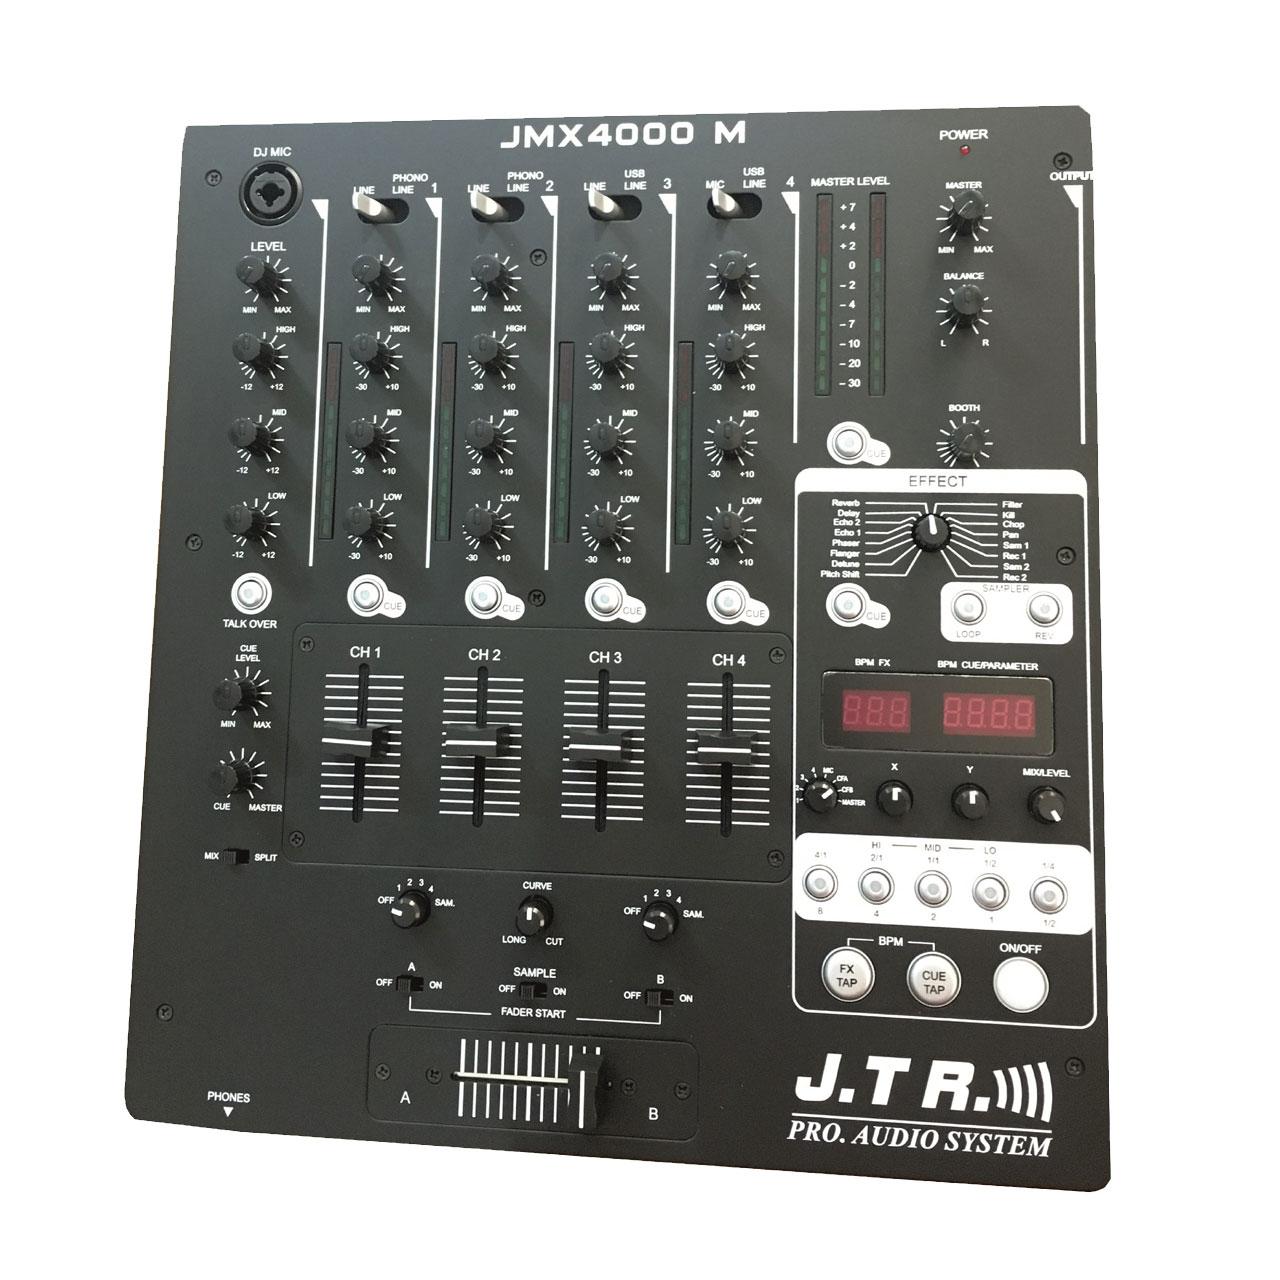 دستگاه دی جی جی.تی.آر مدل JMX4000